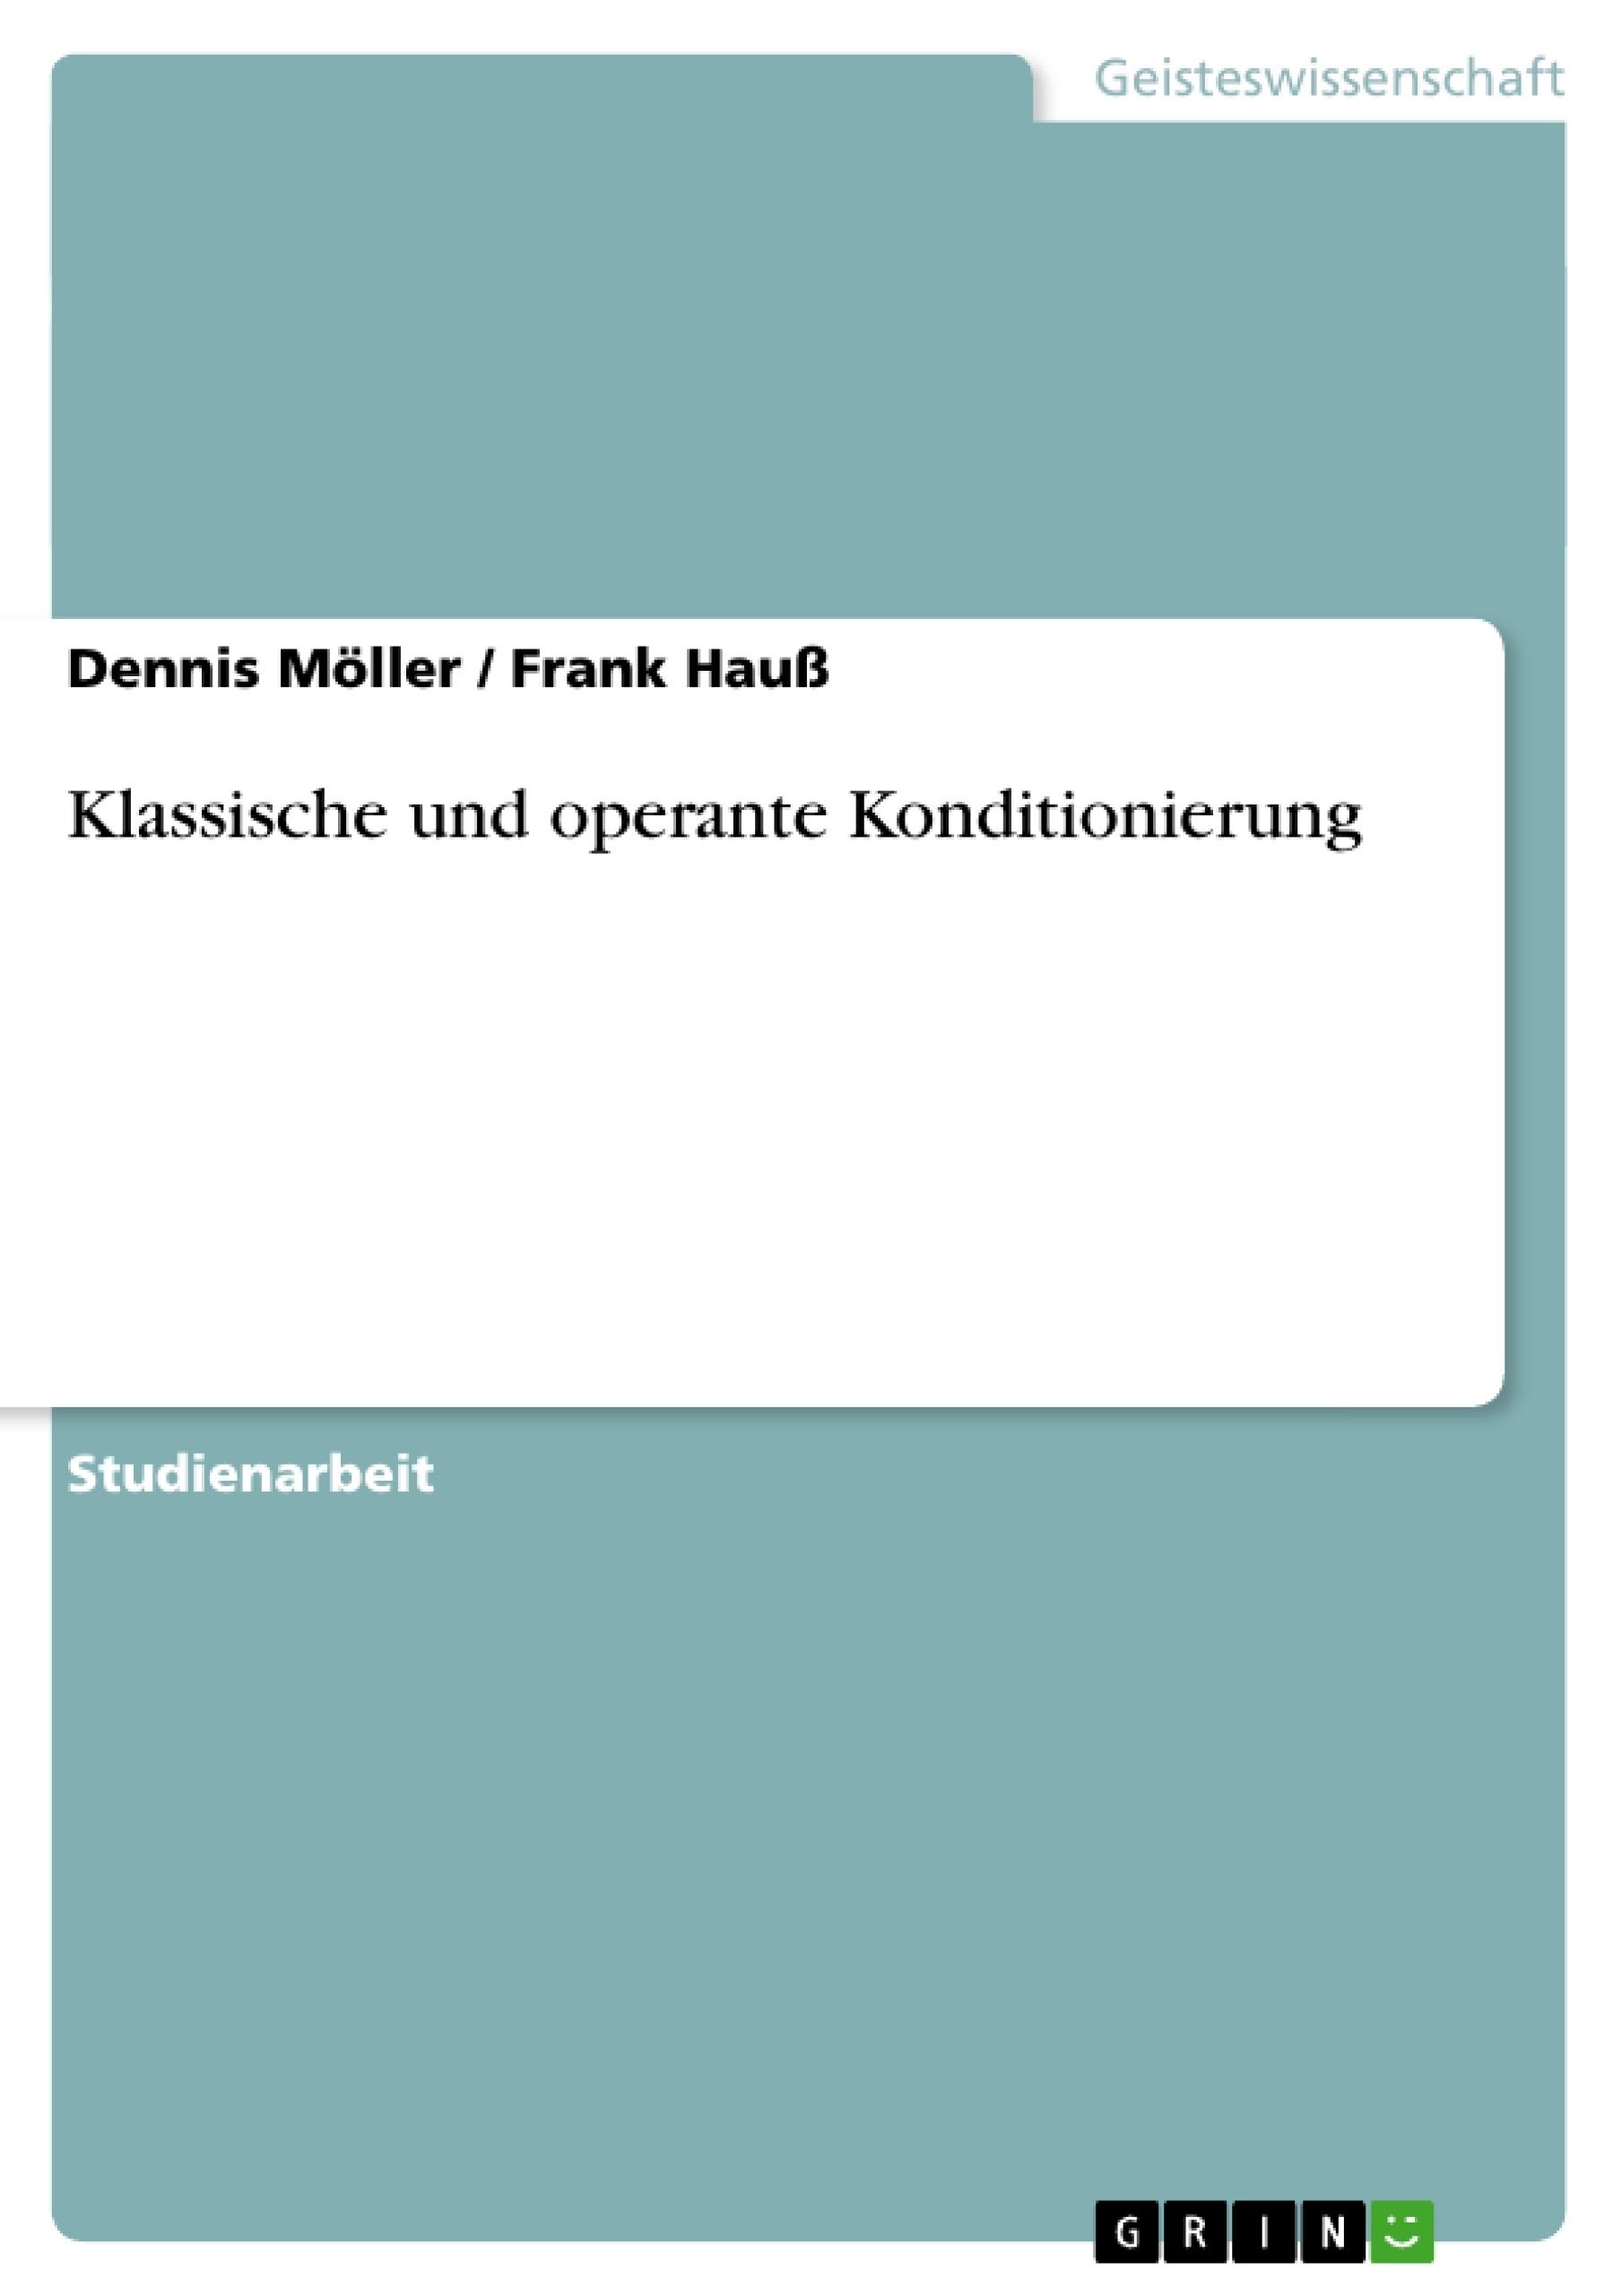 Titel: Klassische und operante Konditionierung